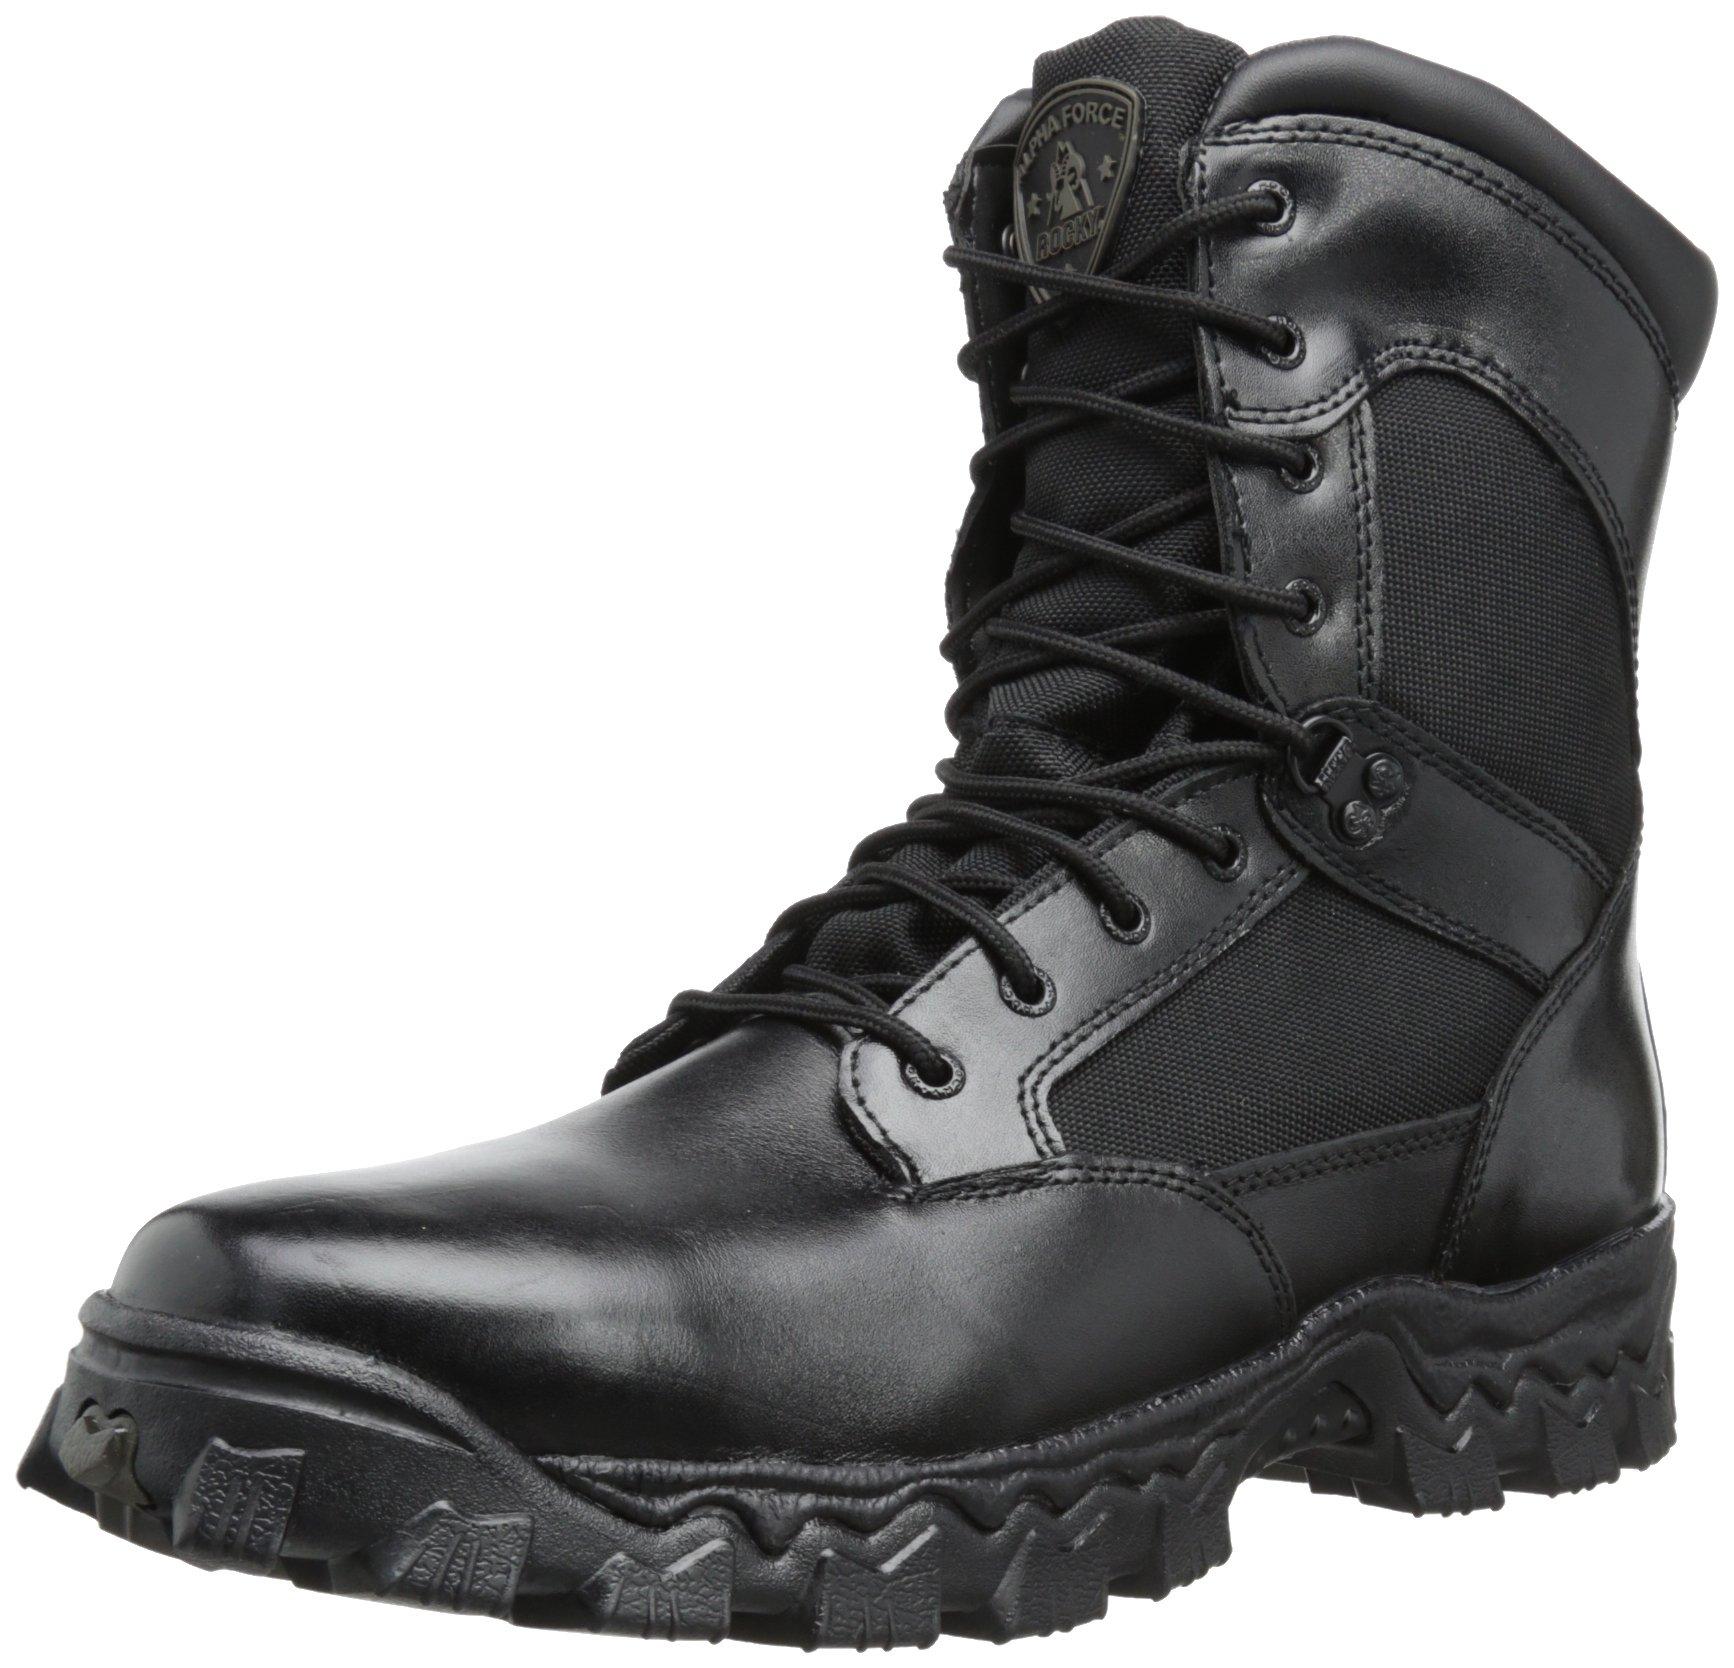 Rocky Men's Alpha Force 8 Inch Side Zip Work Boot,Black,6 W US